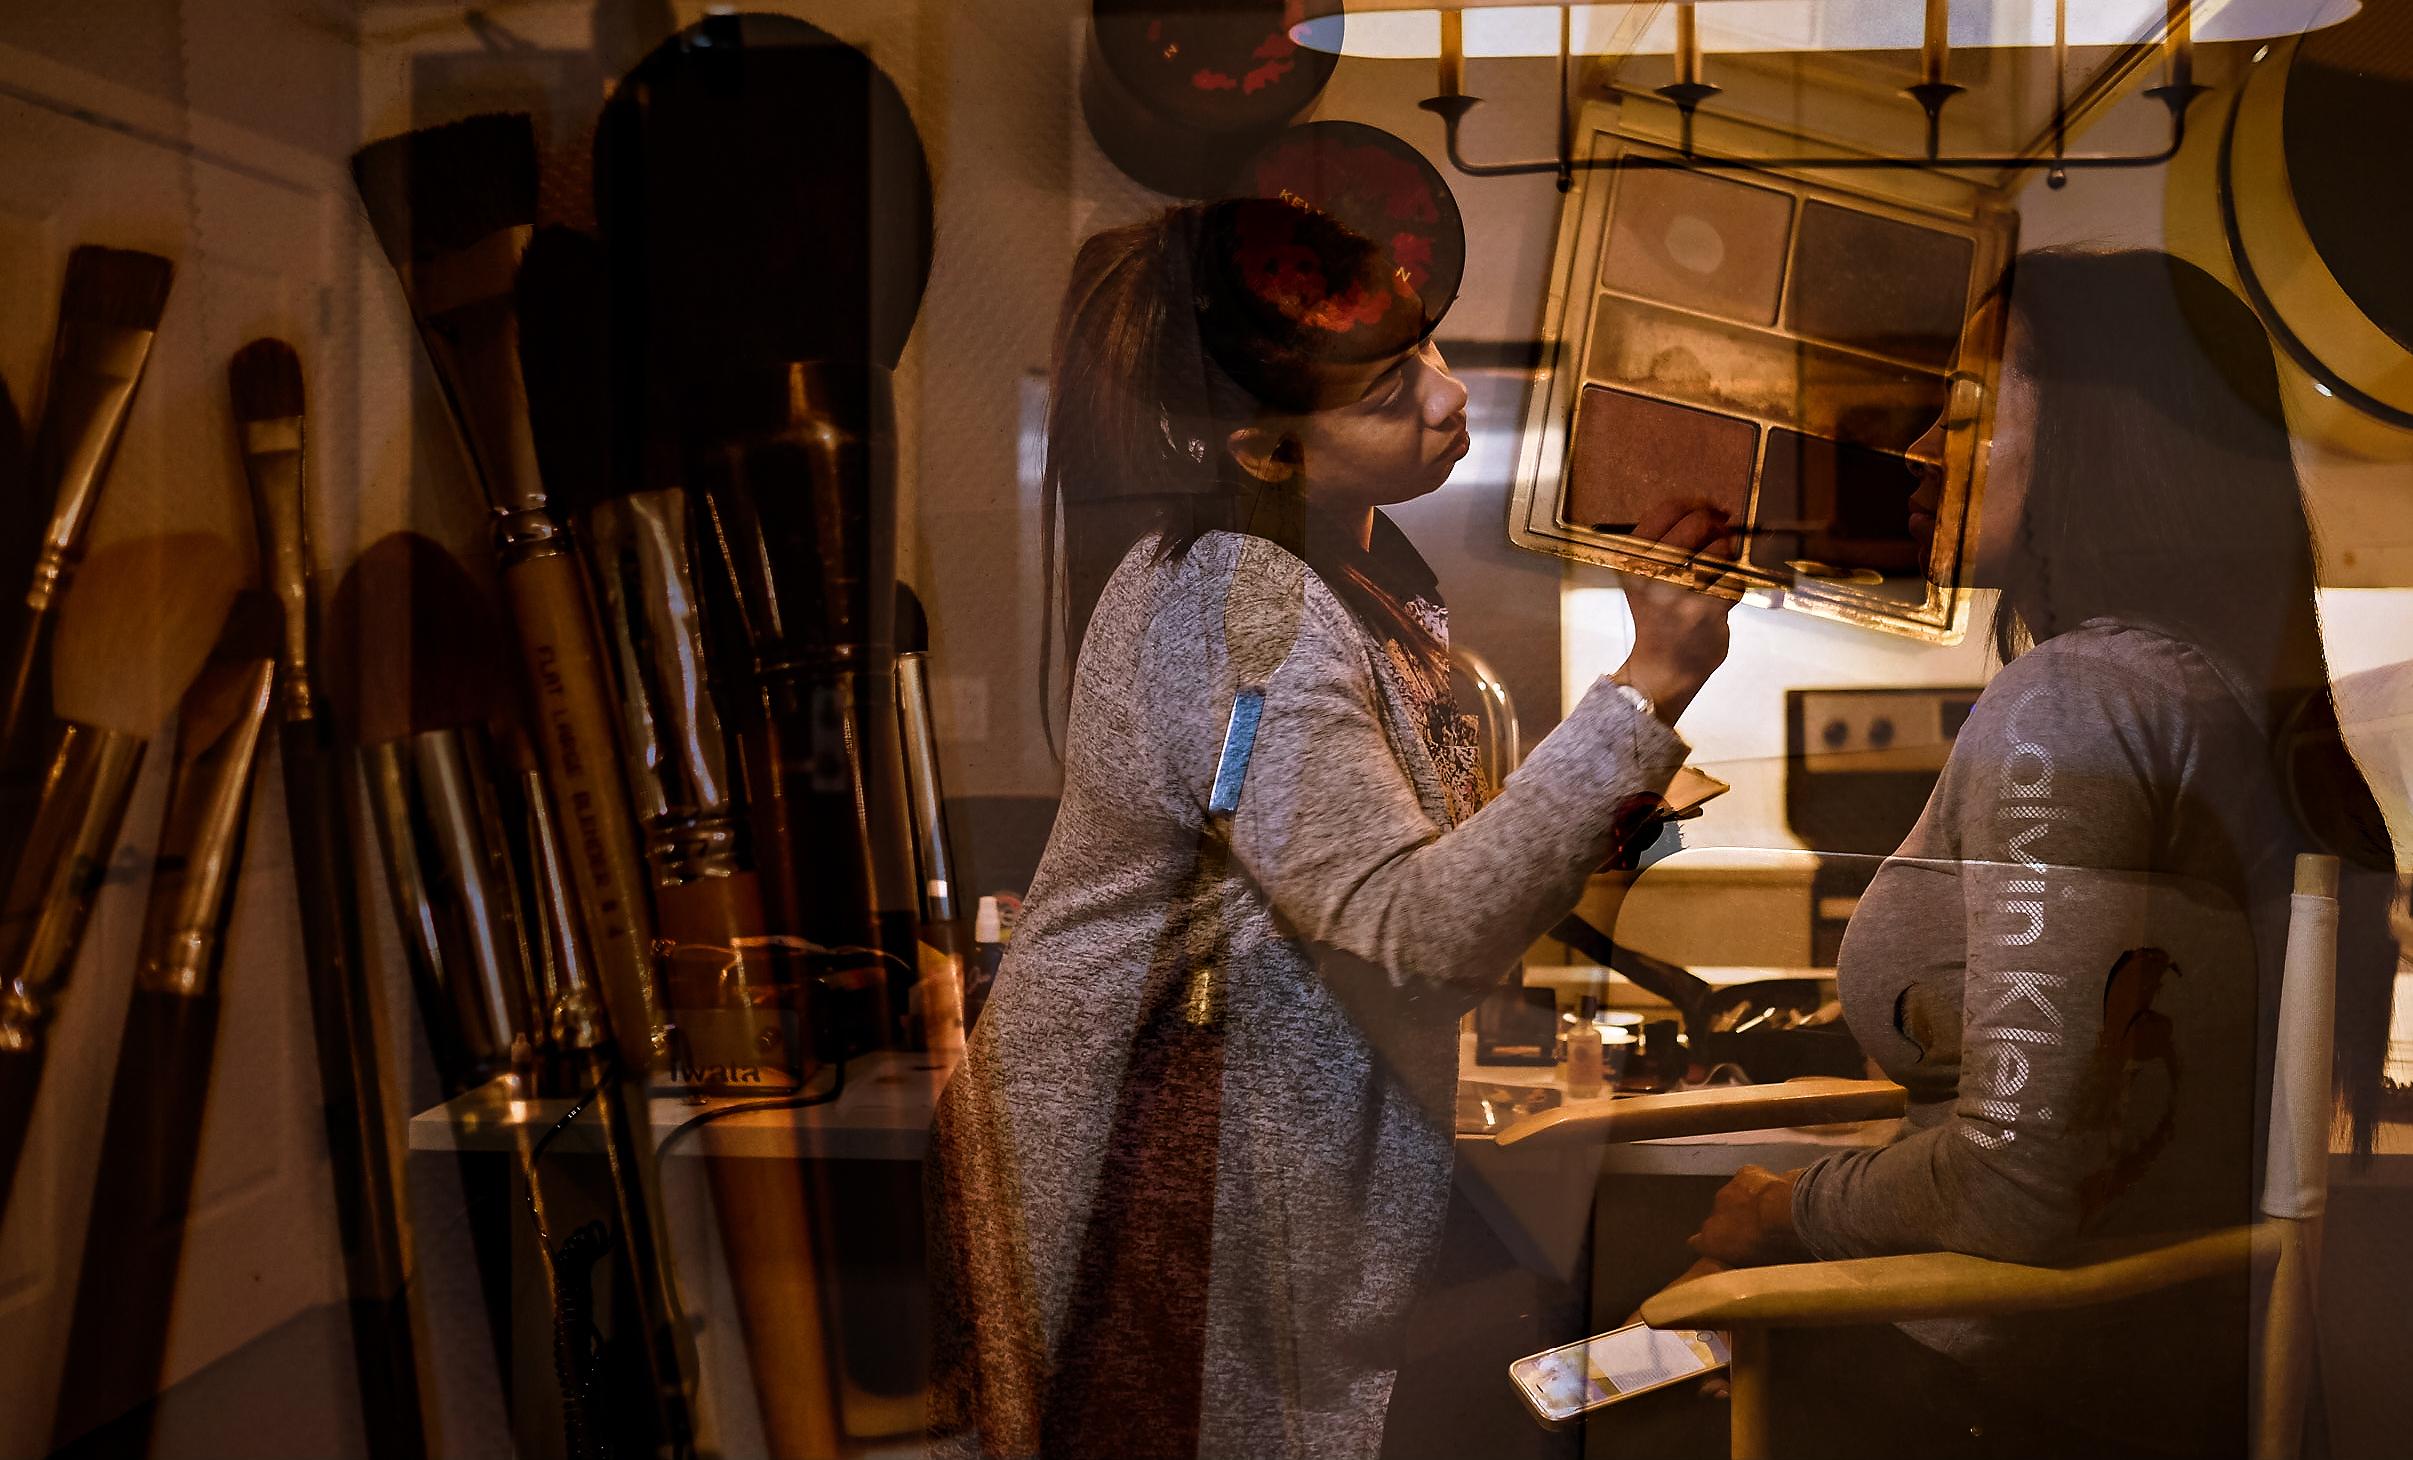 bts kenya moore housewives atlanta nyssa g emmy winner.jpg